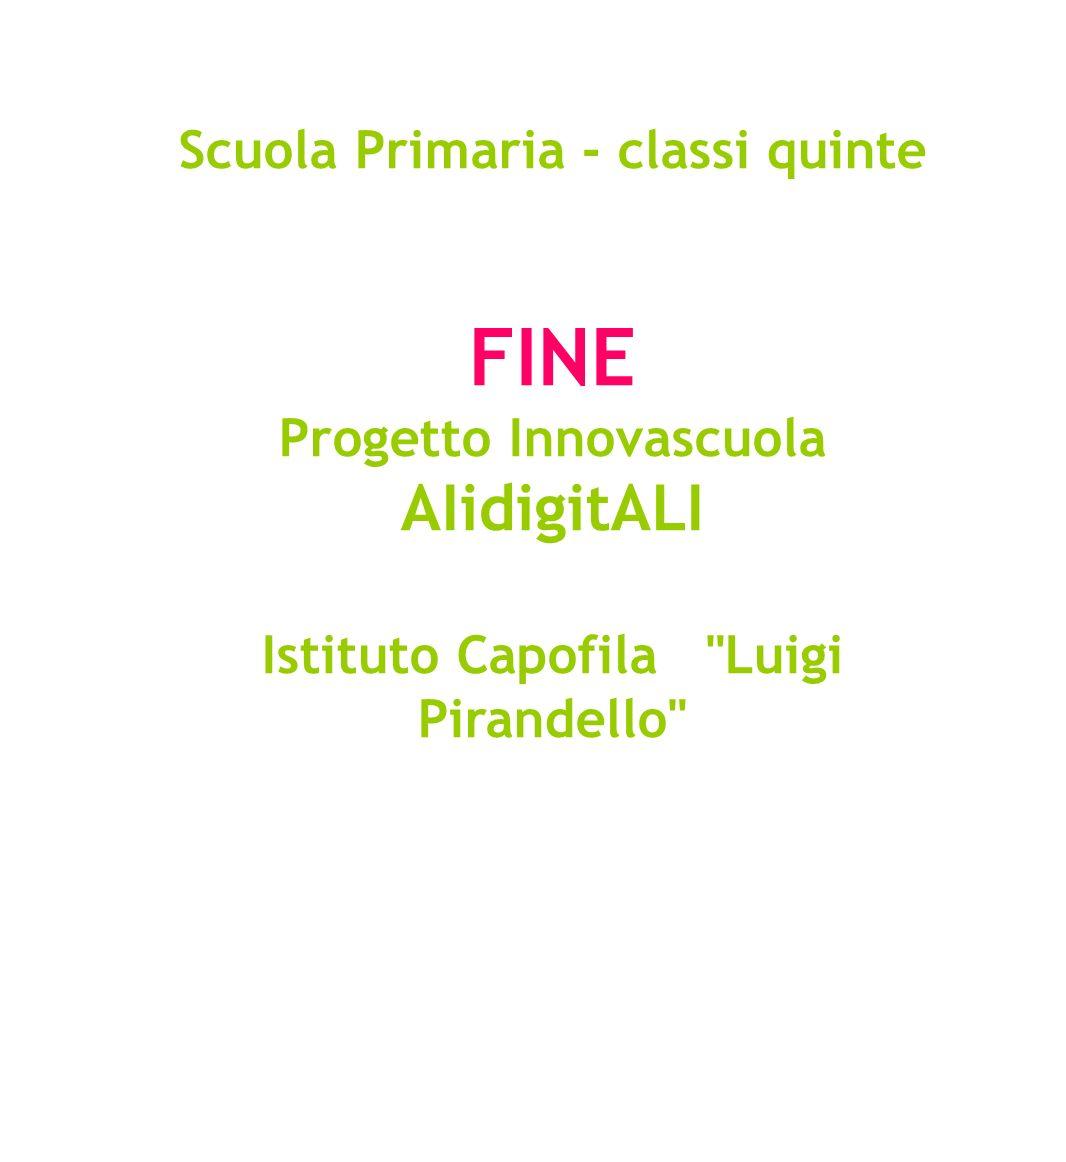 FINE AIidigitALI Scuola Primaria - classi quinte Progetto Innovascuola